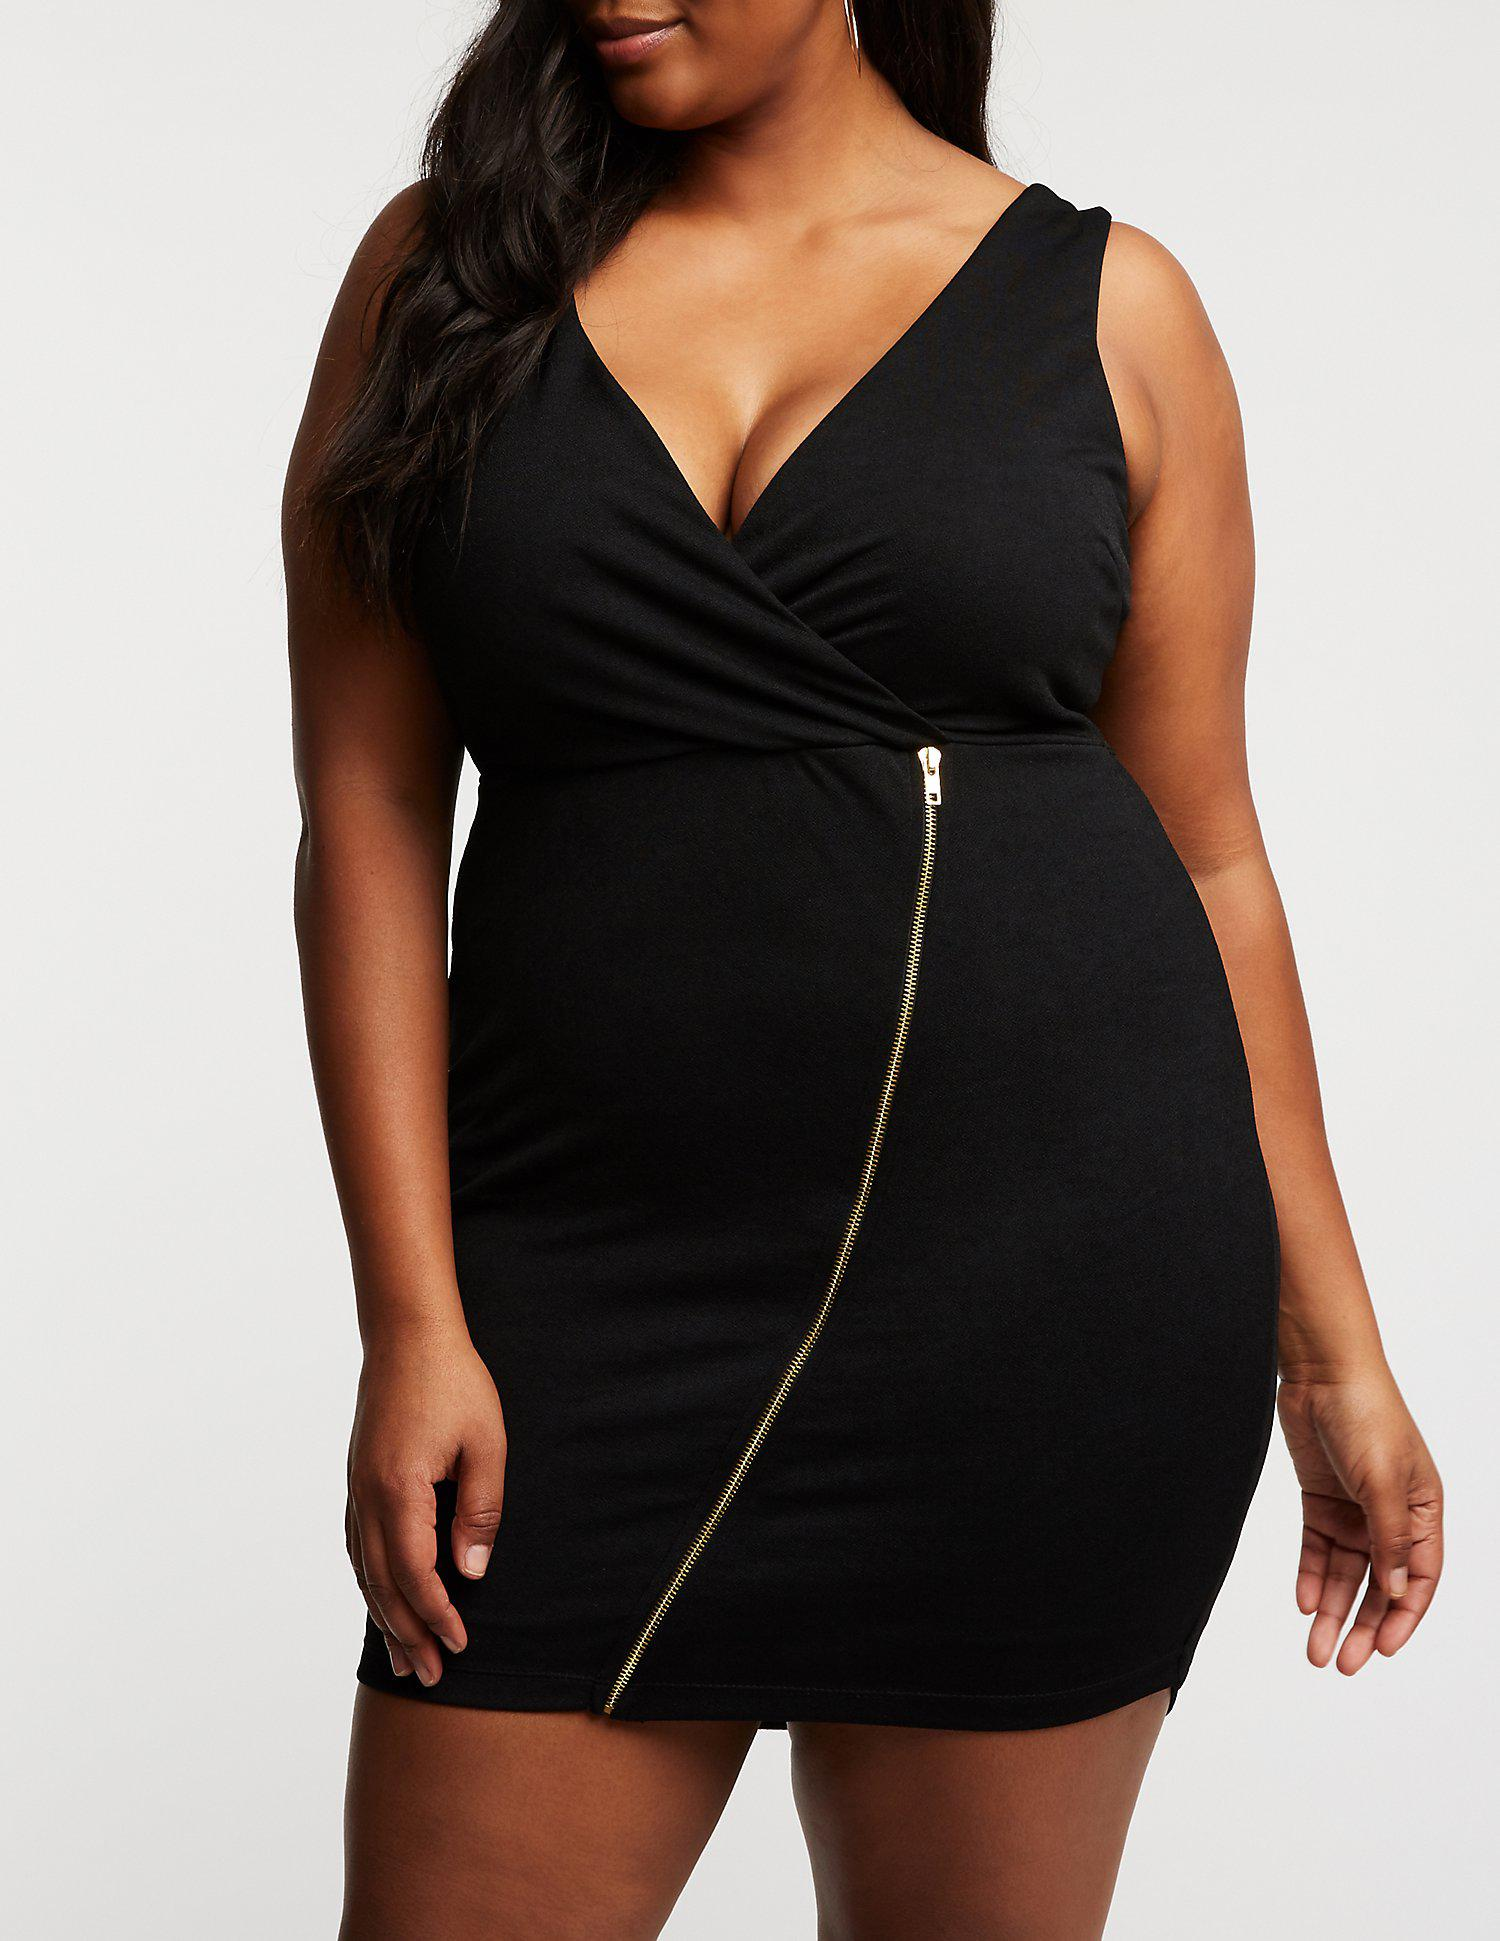 48a69034f2b Charlotte Russe. Women s Black Plus Size Wrap Asymmetrical Bodycon Dress